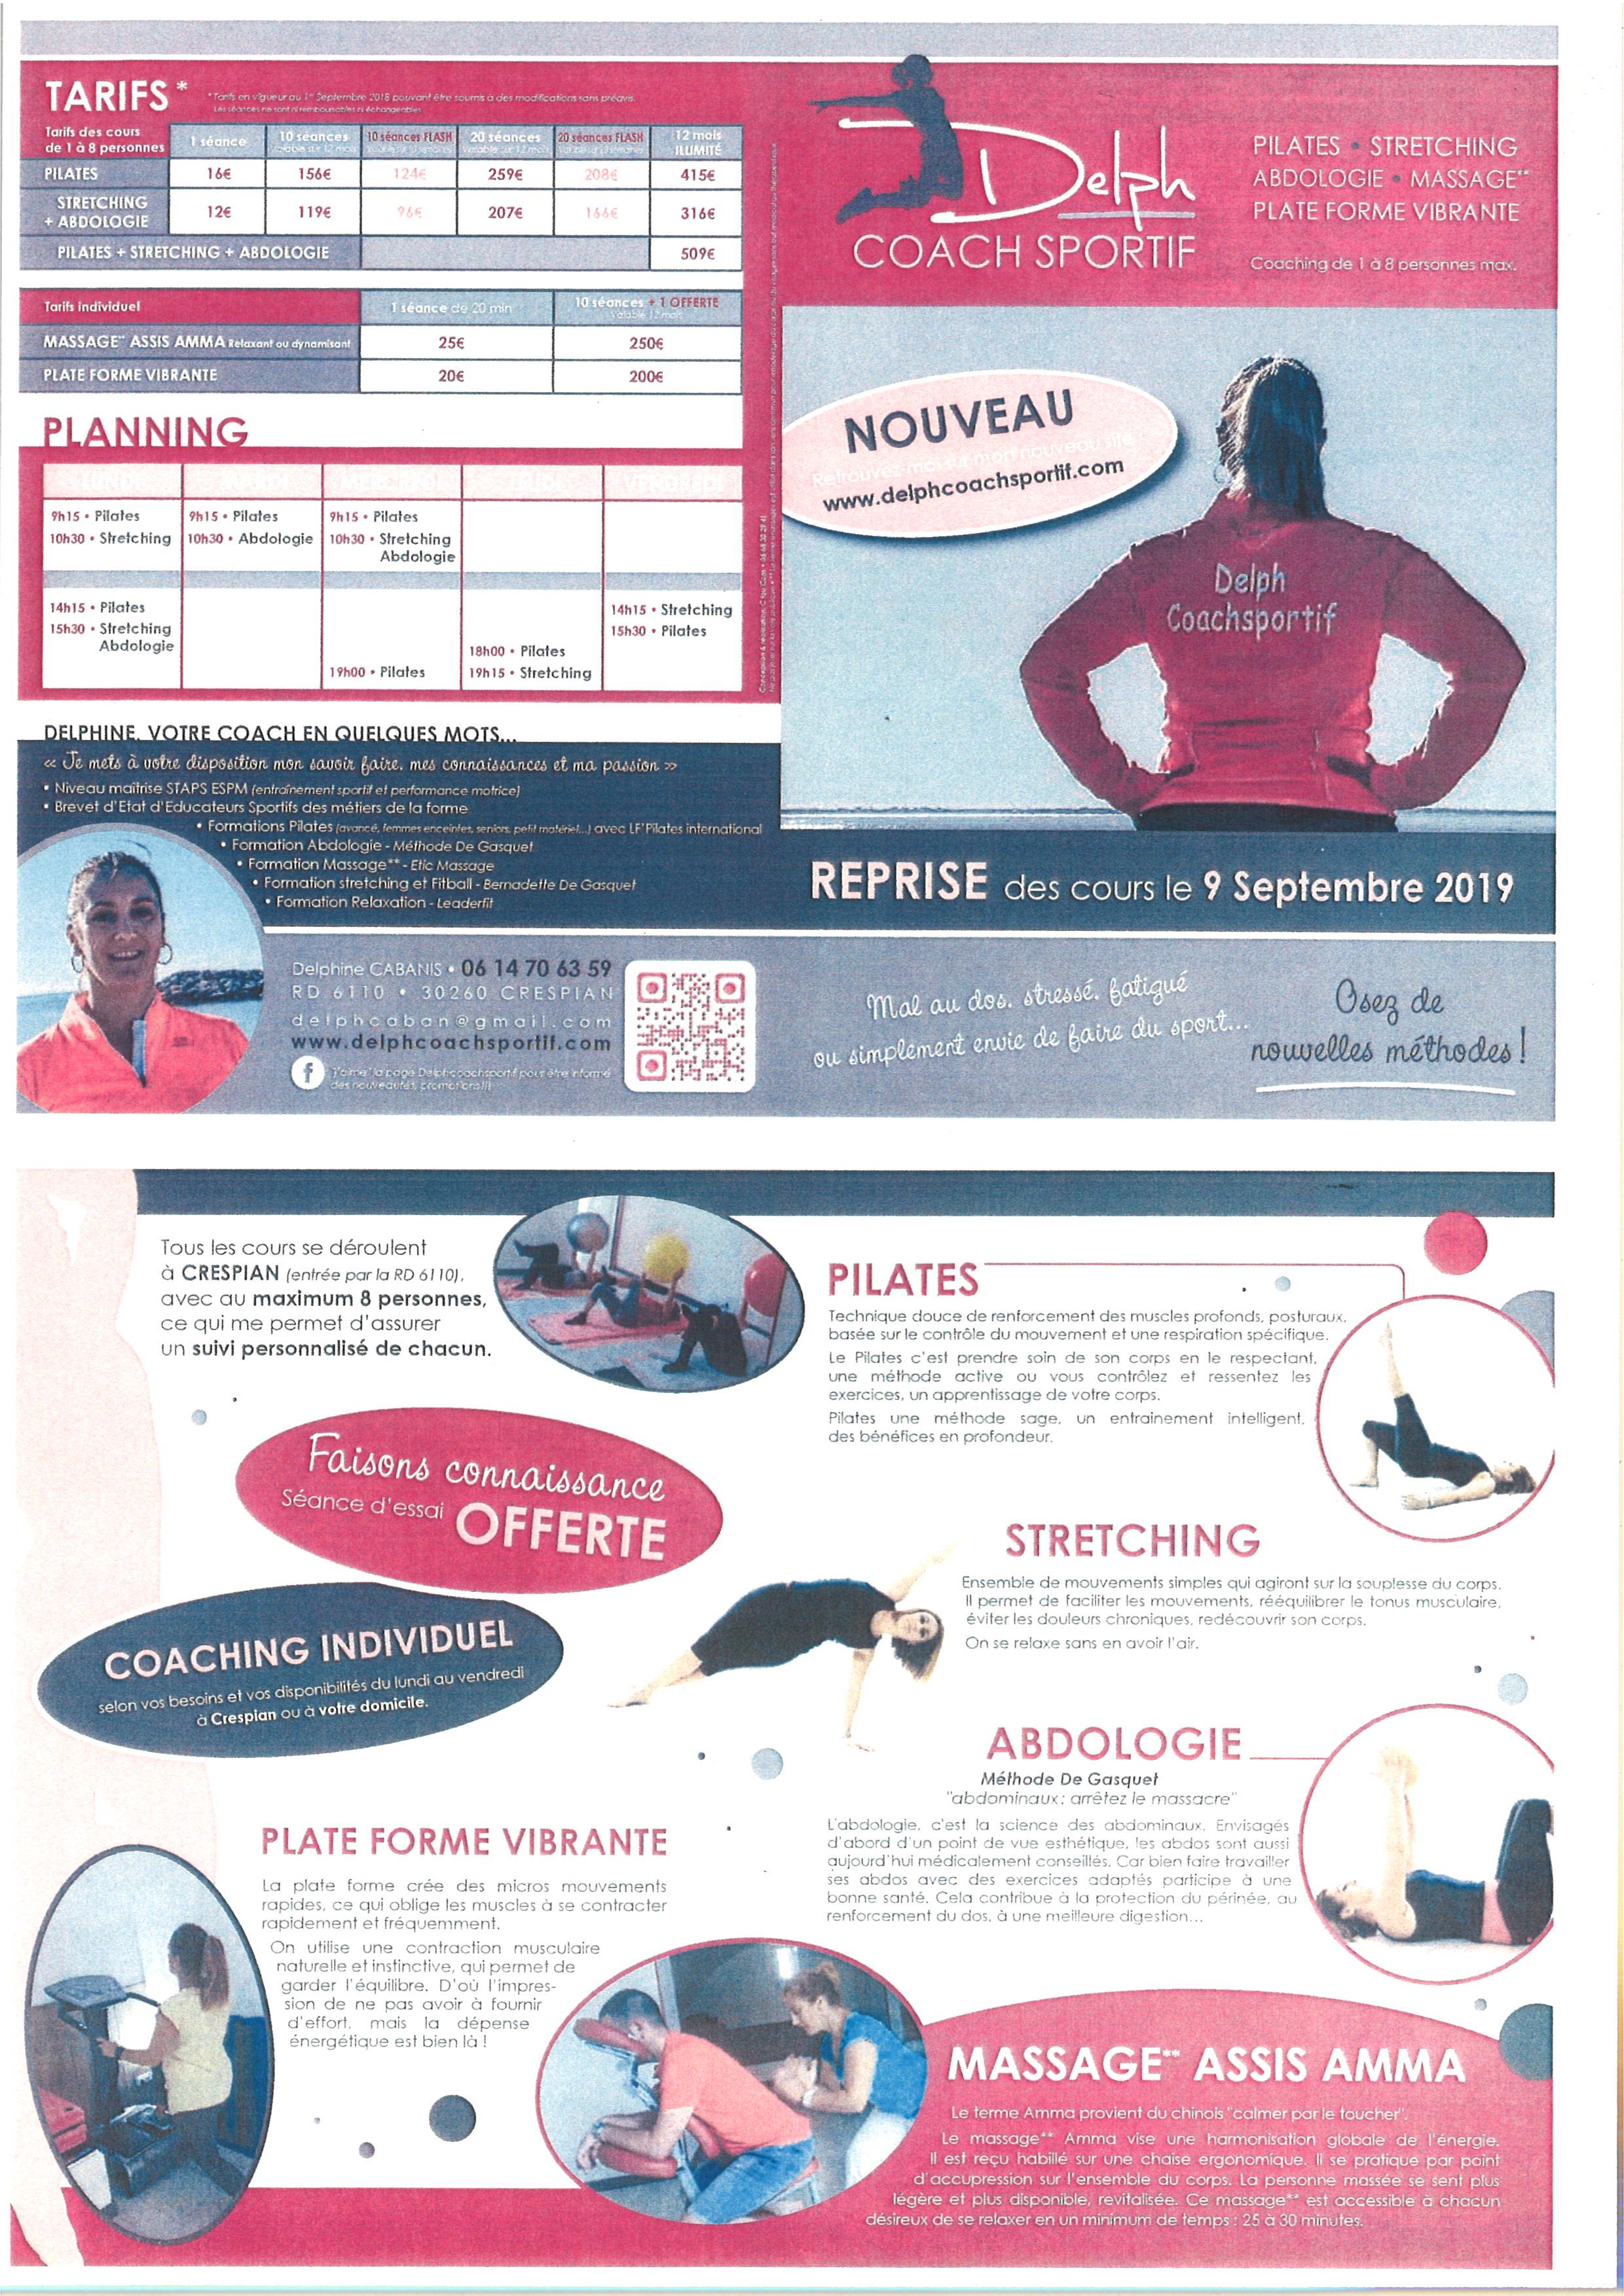 Delph Coach Sportif